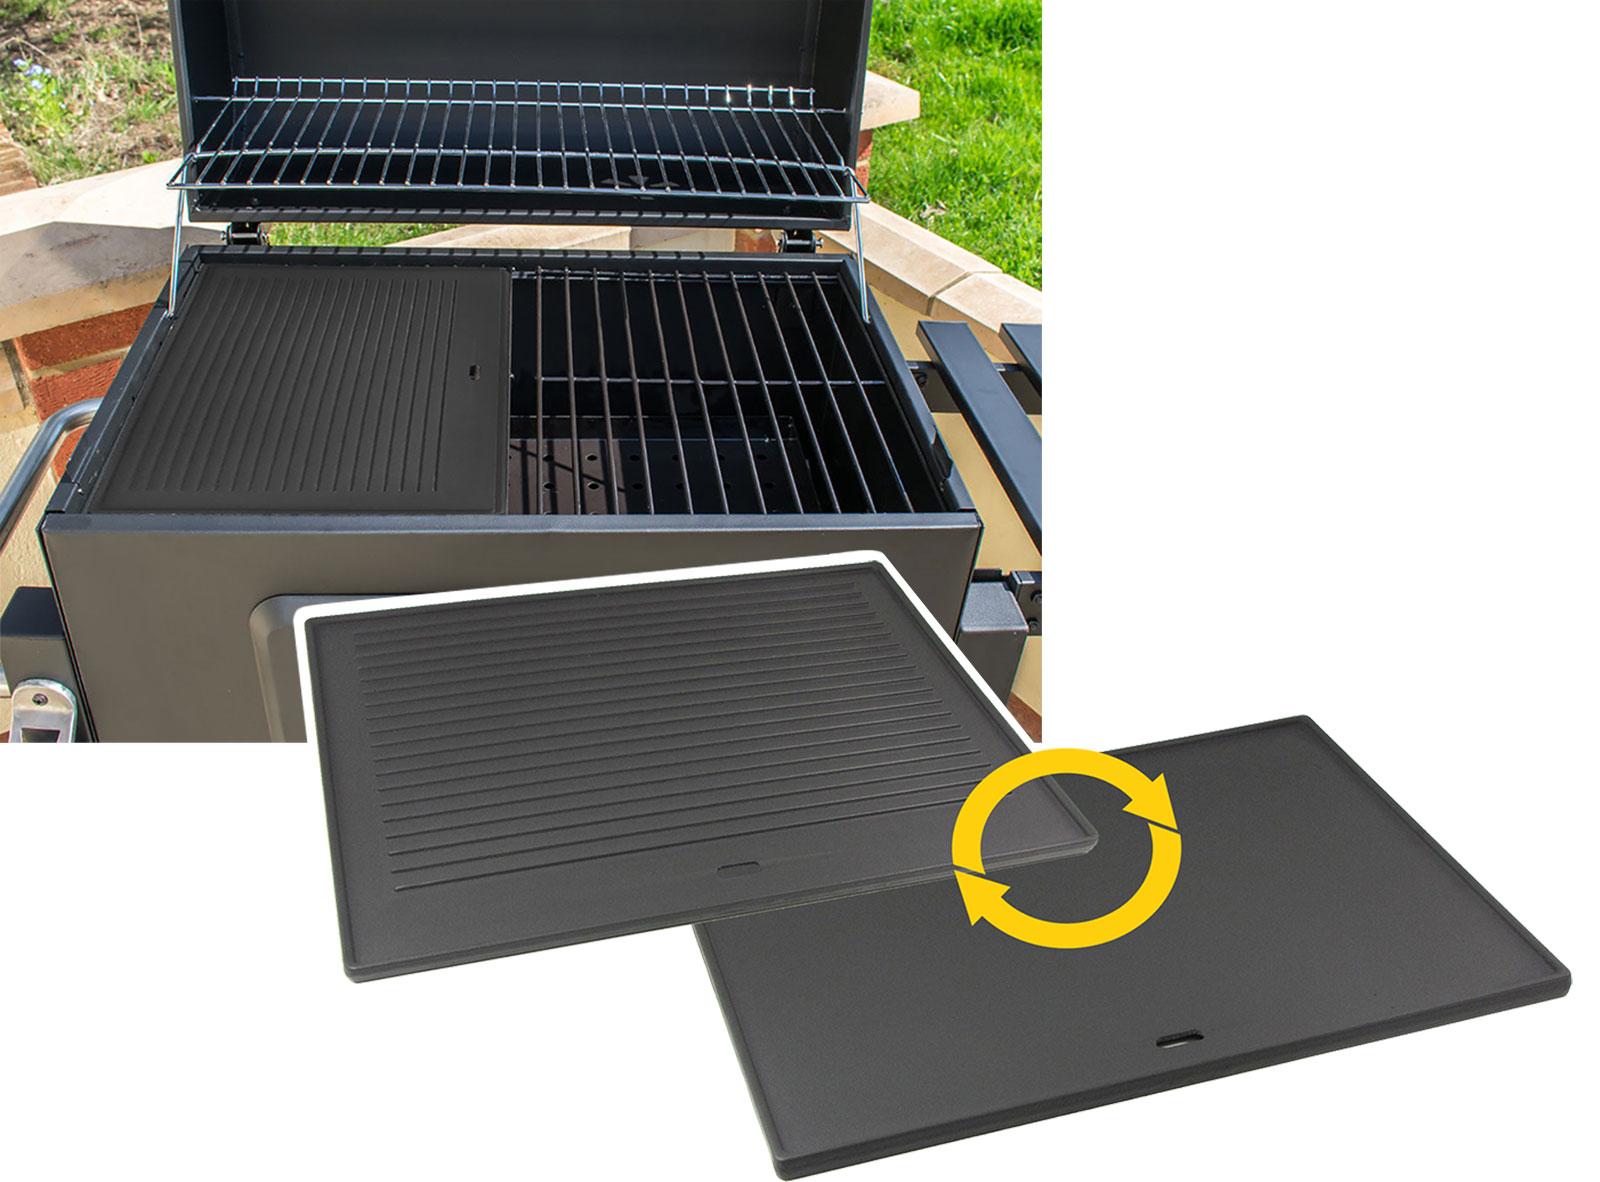 Grillplatte Für Gasgrill : Edelstahl plancha für napoleon gasgrills grillplatte griddle